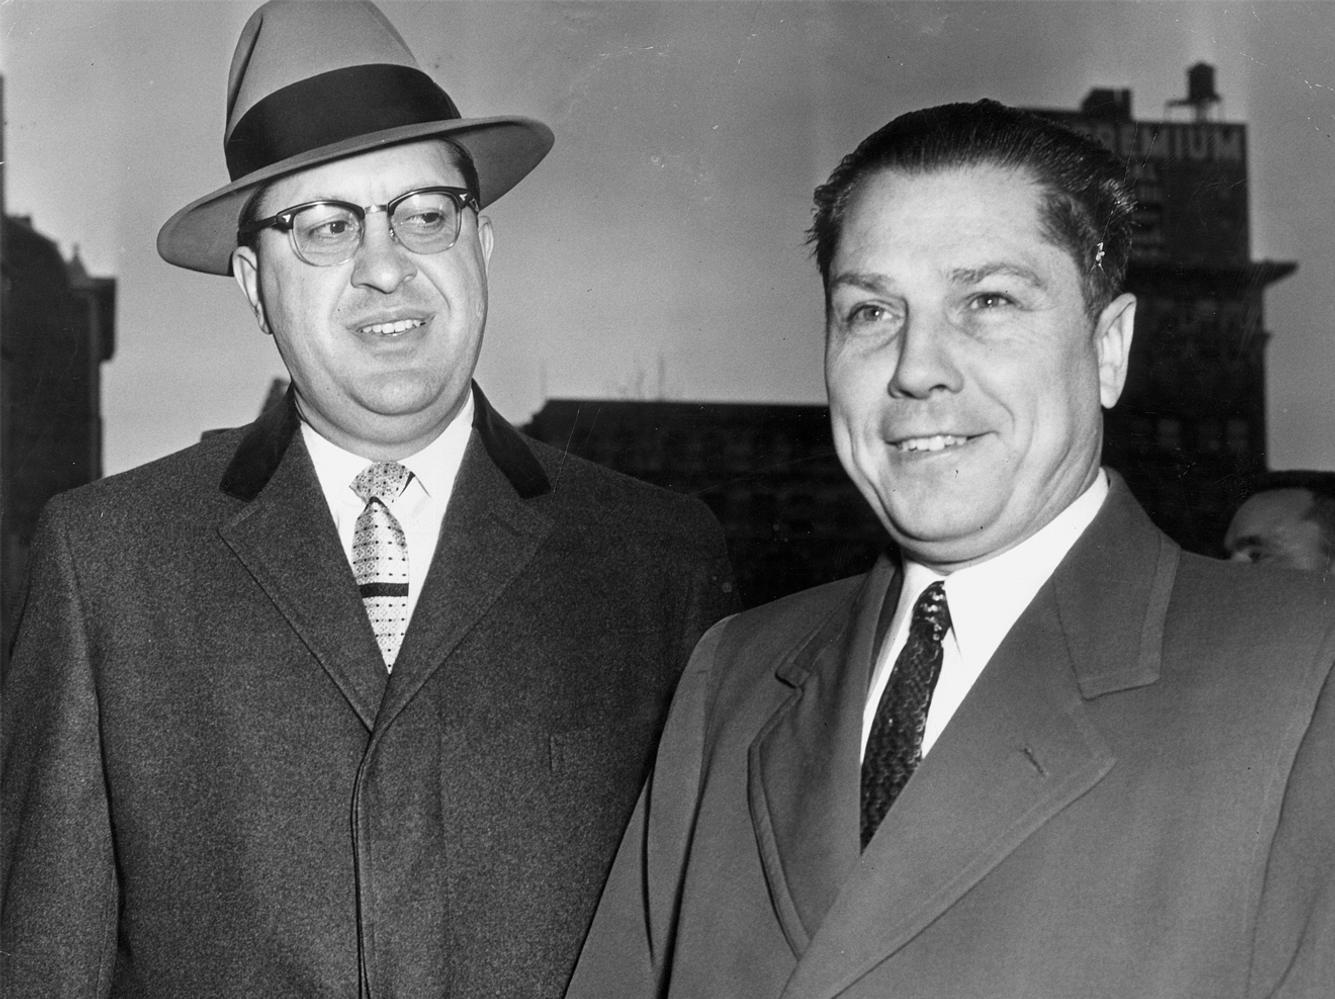 Wer tötete Jimmy Hoffa wirklich und was geschah mit seiner Leiche? Wir decken das Mysterium auf.